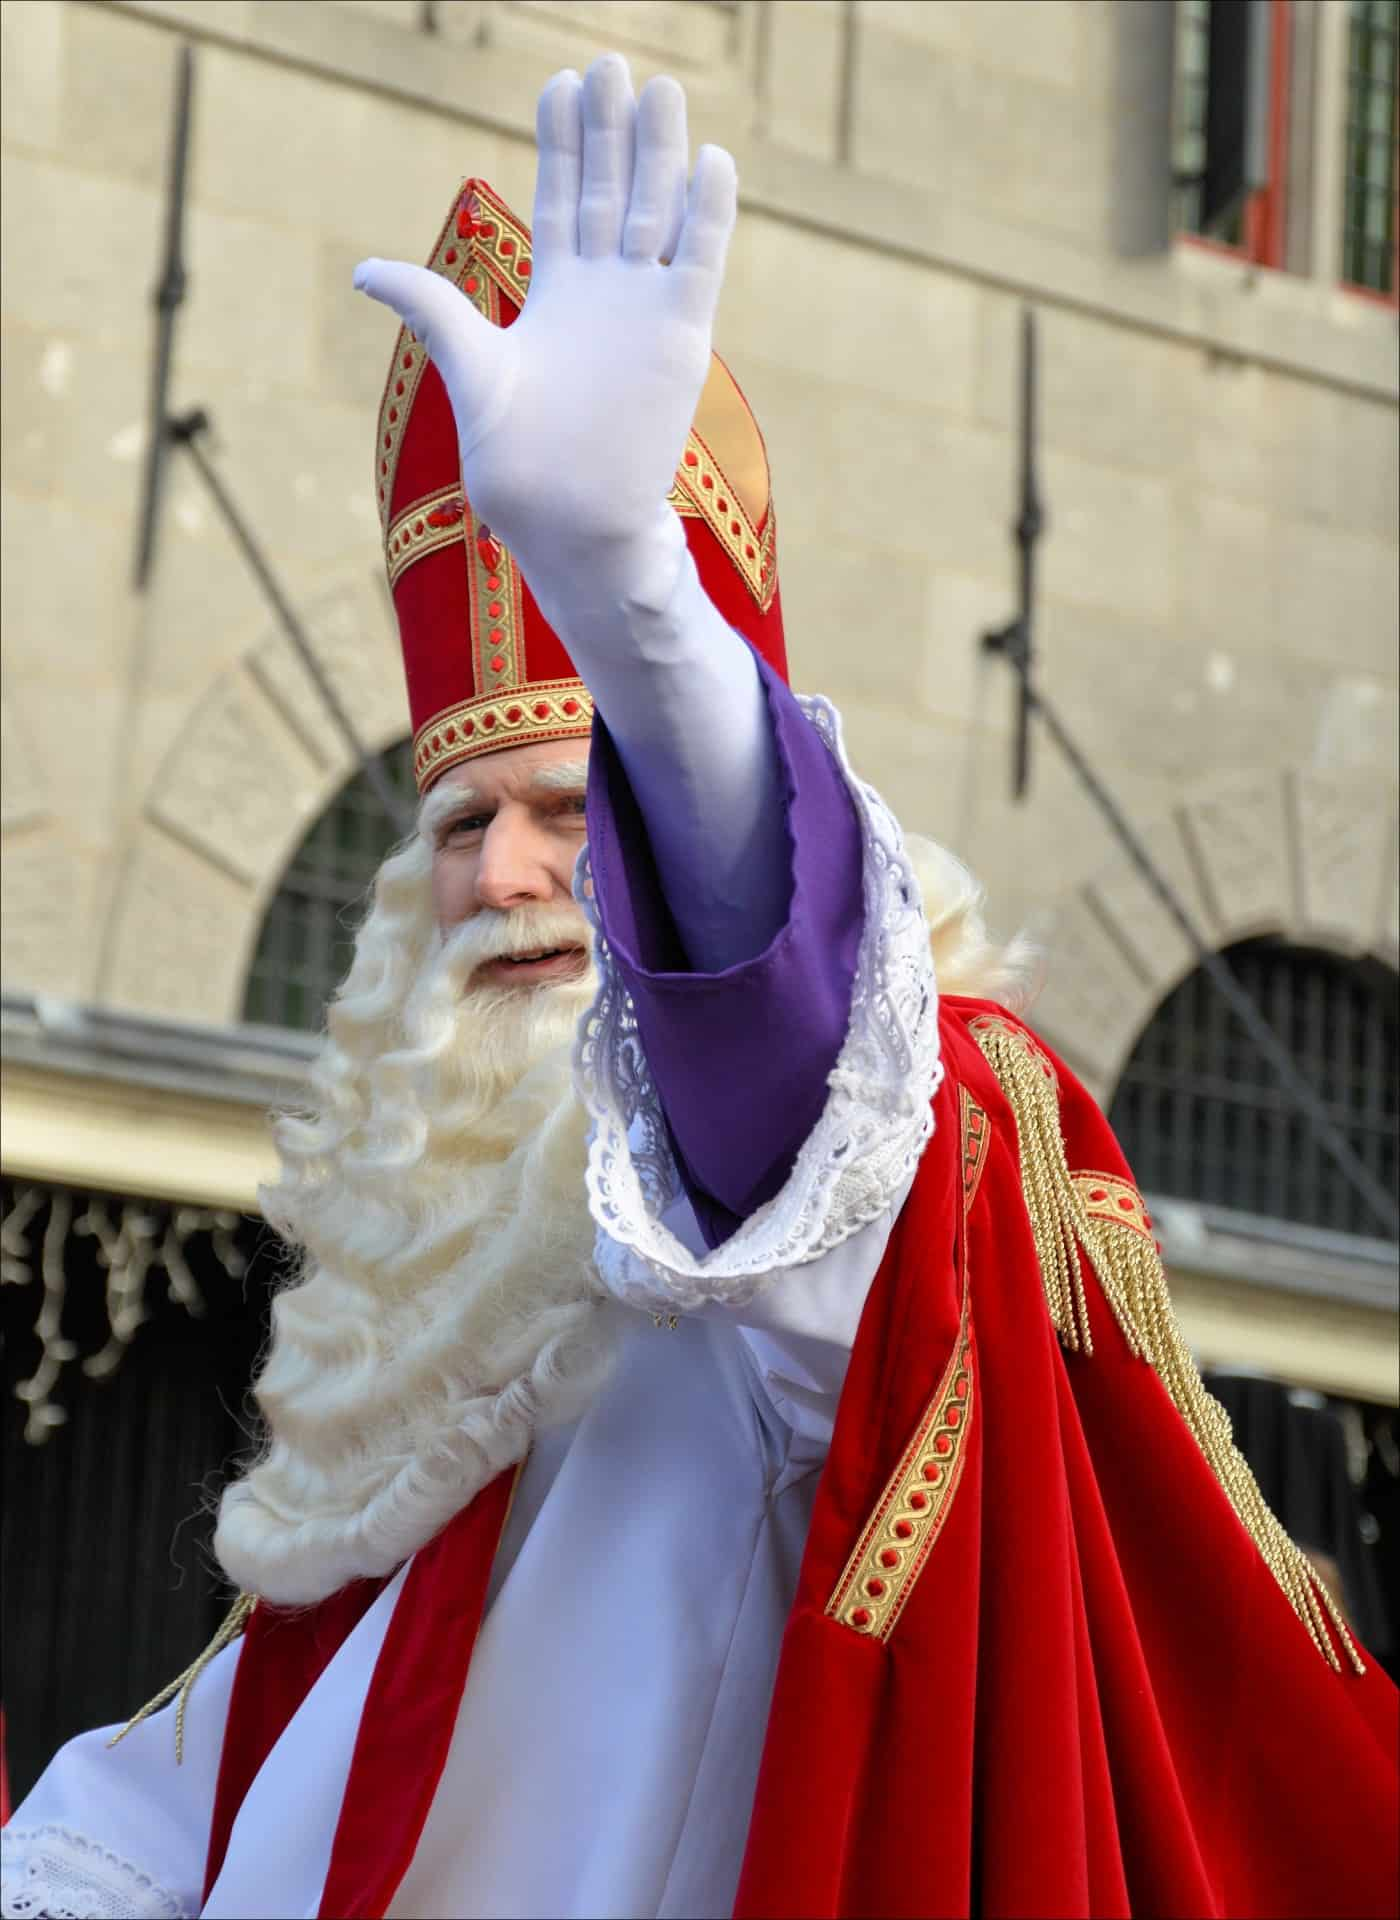 Άγιος Βασίλης αλά Ολλανδικά Sinterklaas